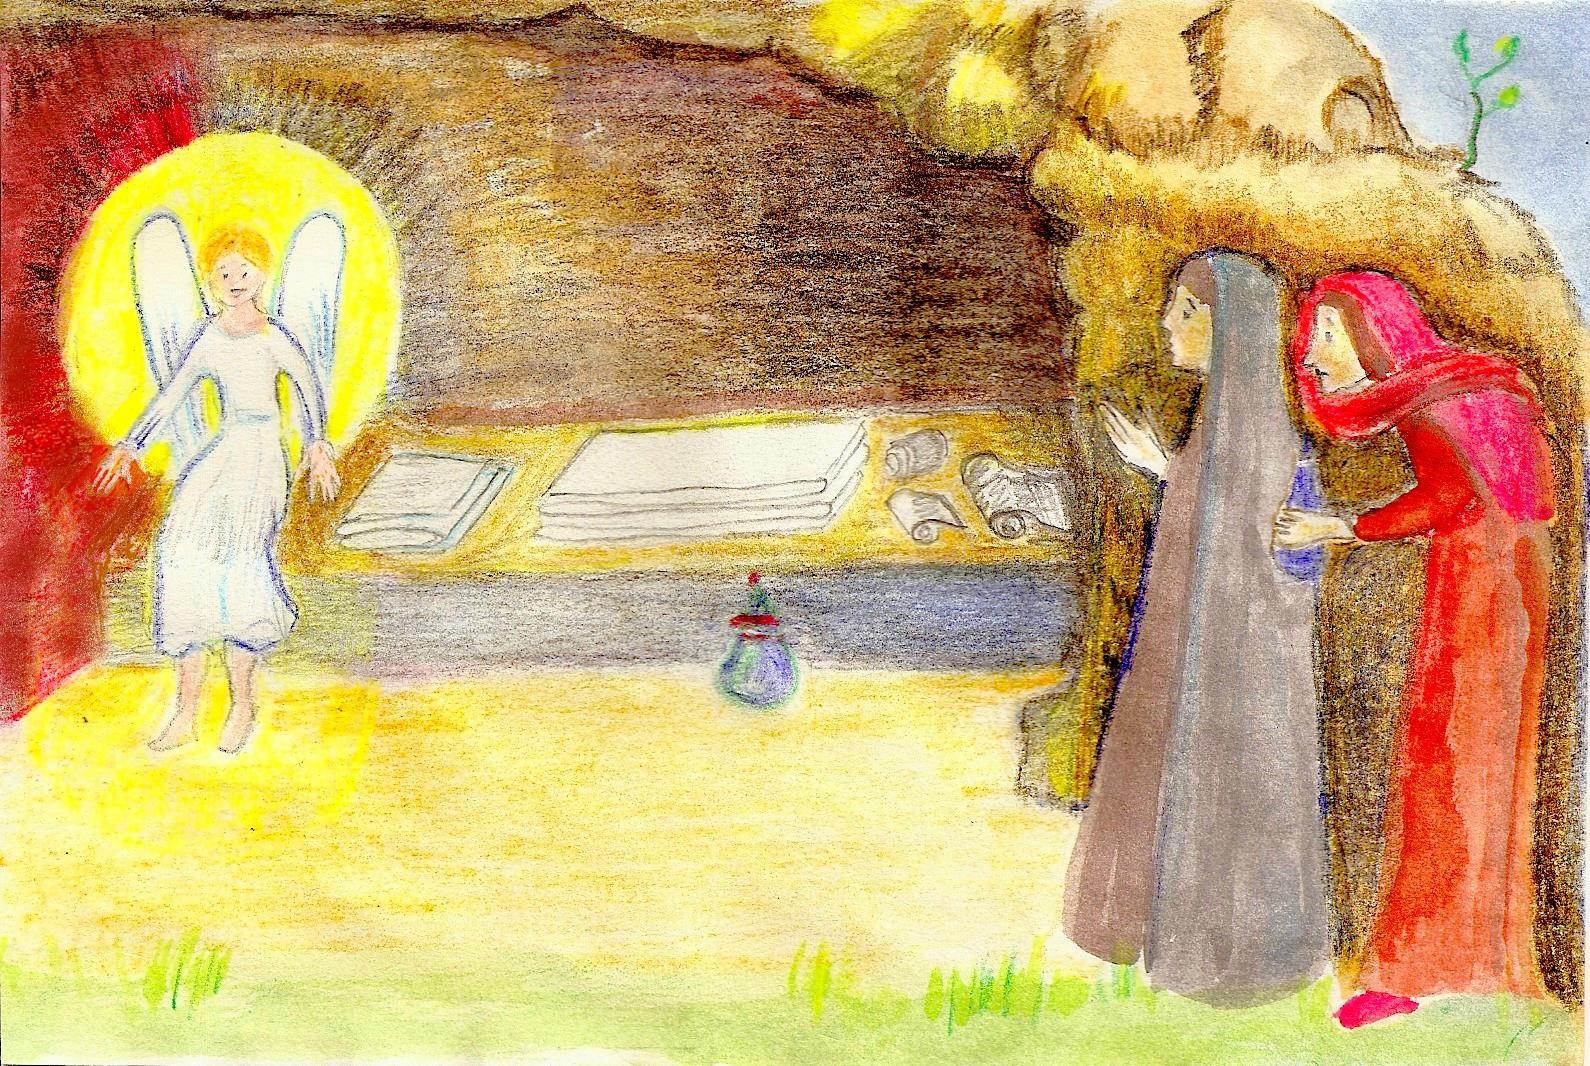 le tombeau vide